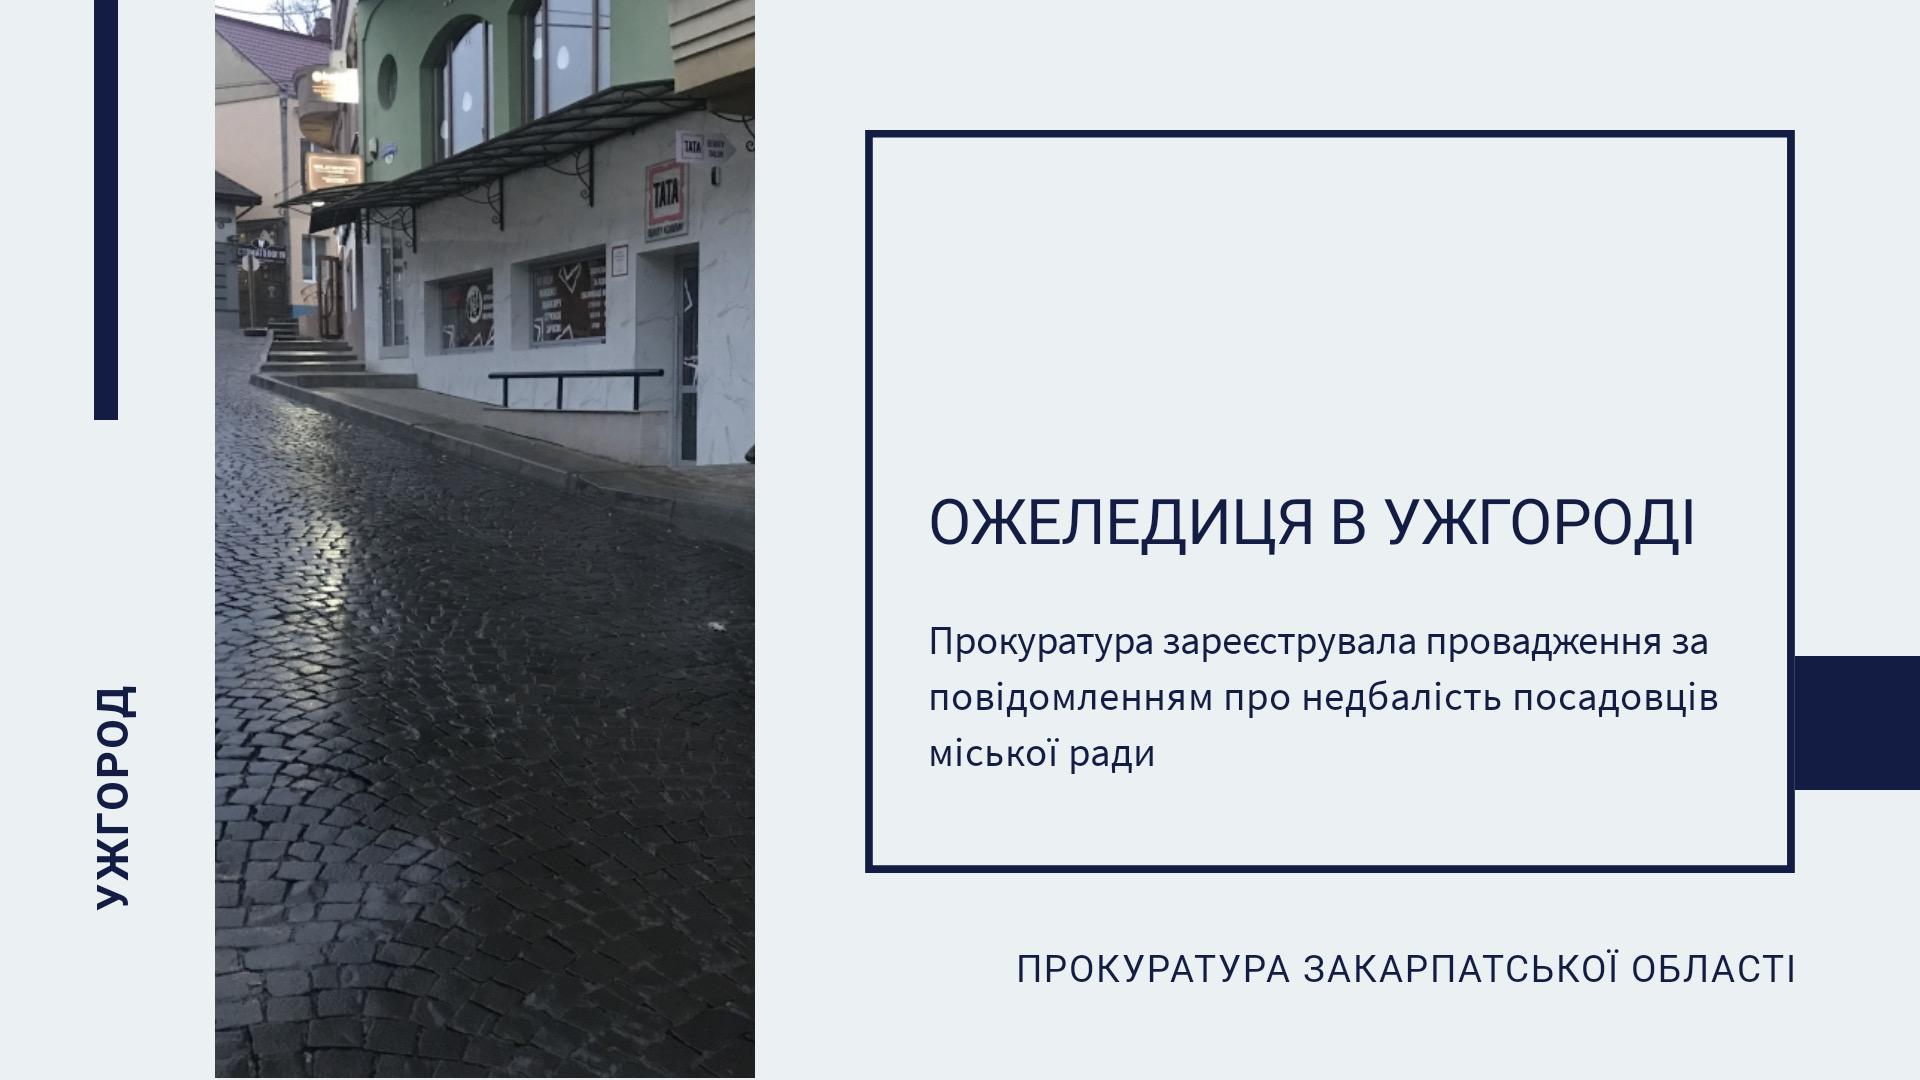 Прокуратура відкрила провадження на посадовців Ужгородської міськради через травмування громадян під час ожеледиці